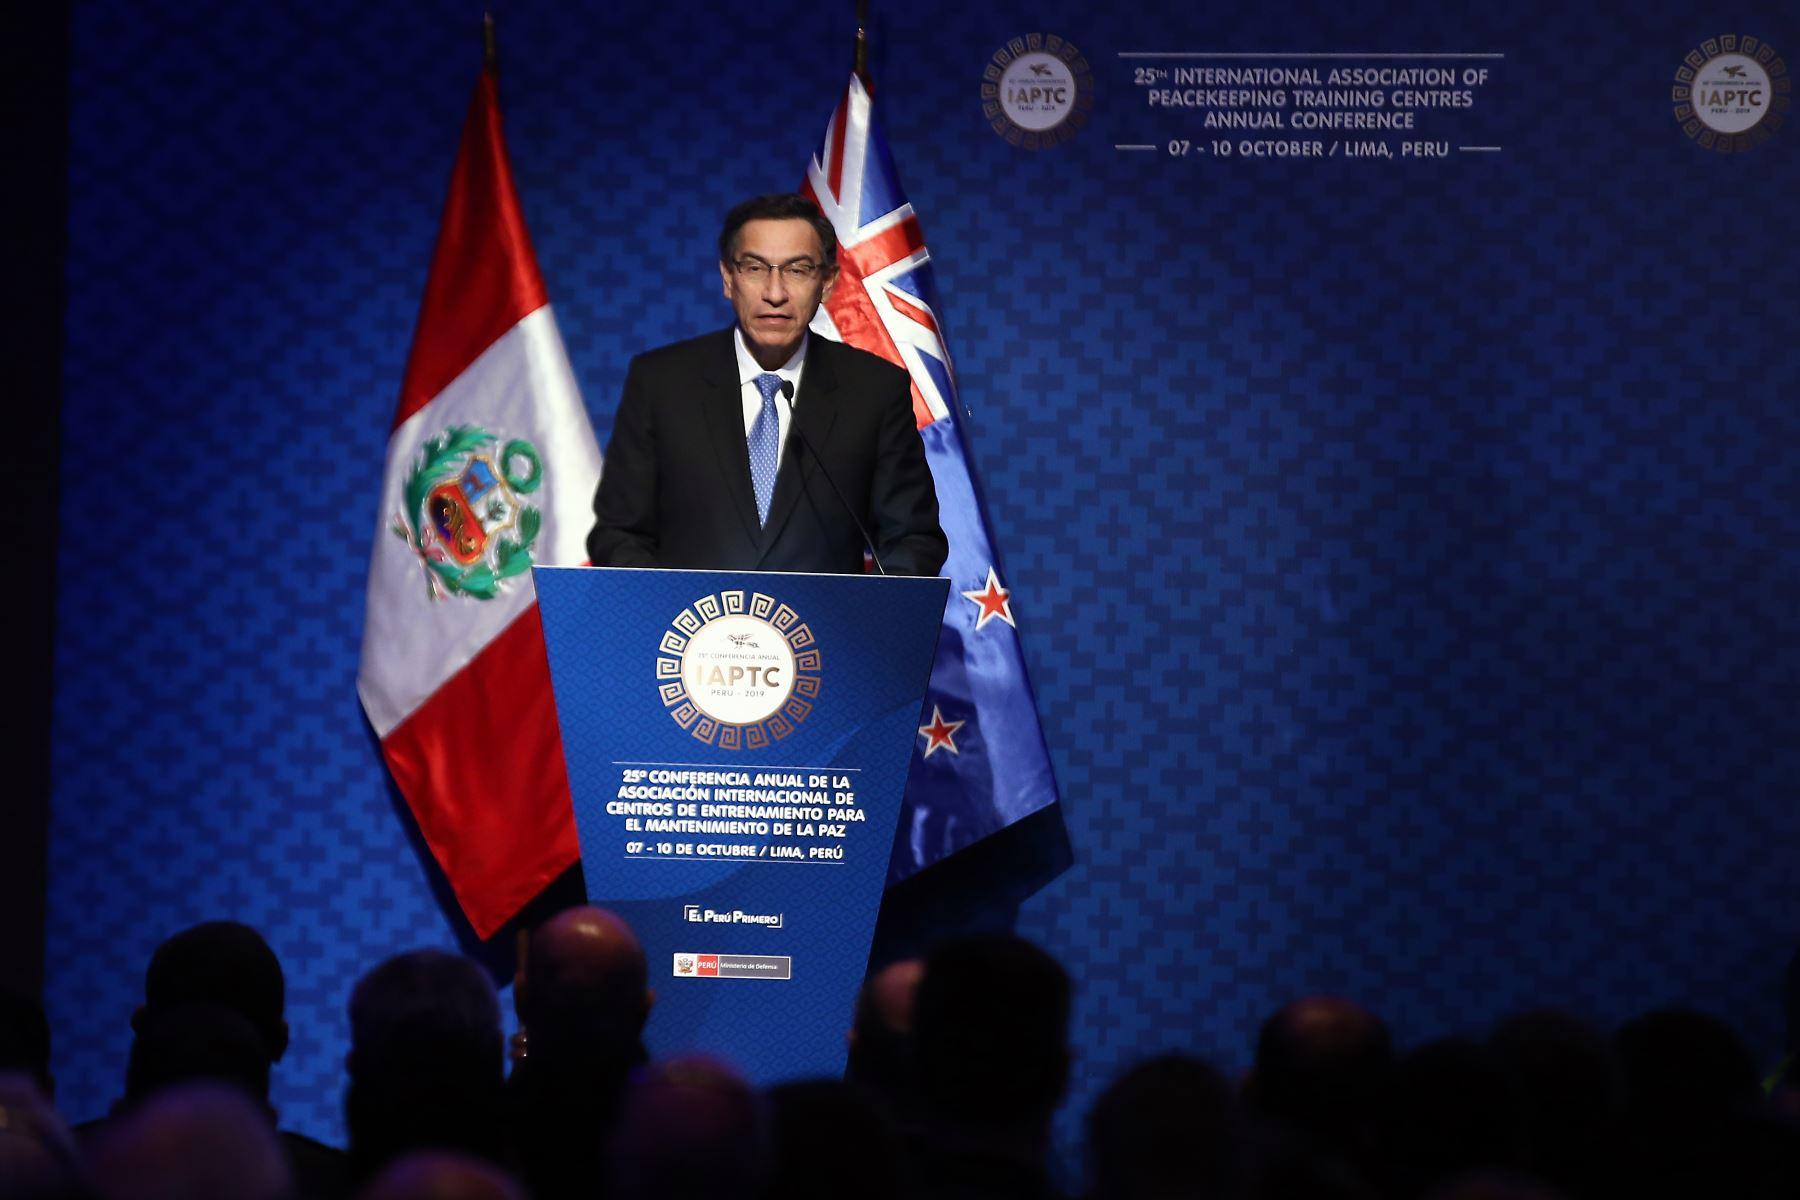 Presidente de la República Martín Vizcarra,  expone durante la 25° Conferencia Anual de la Asociación Internacional de Centros de Entrenamiento para el Mantenimiento de la Paz -IAPTC Lima 2019. Foto: ANDINA/Vidal Tarqui